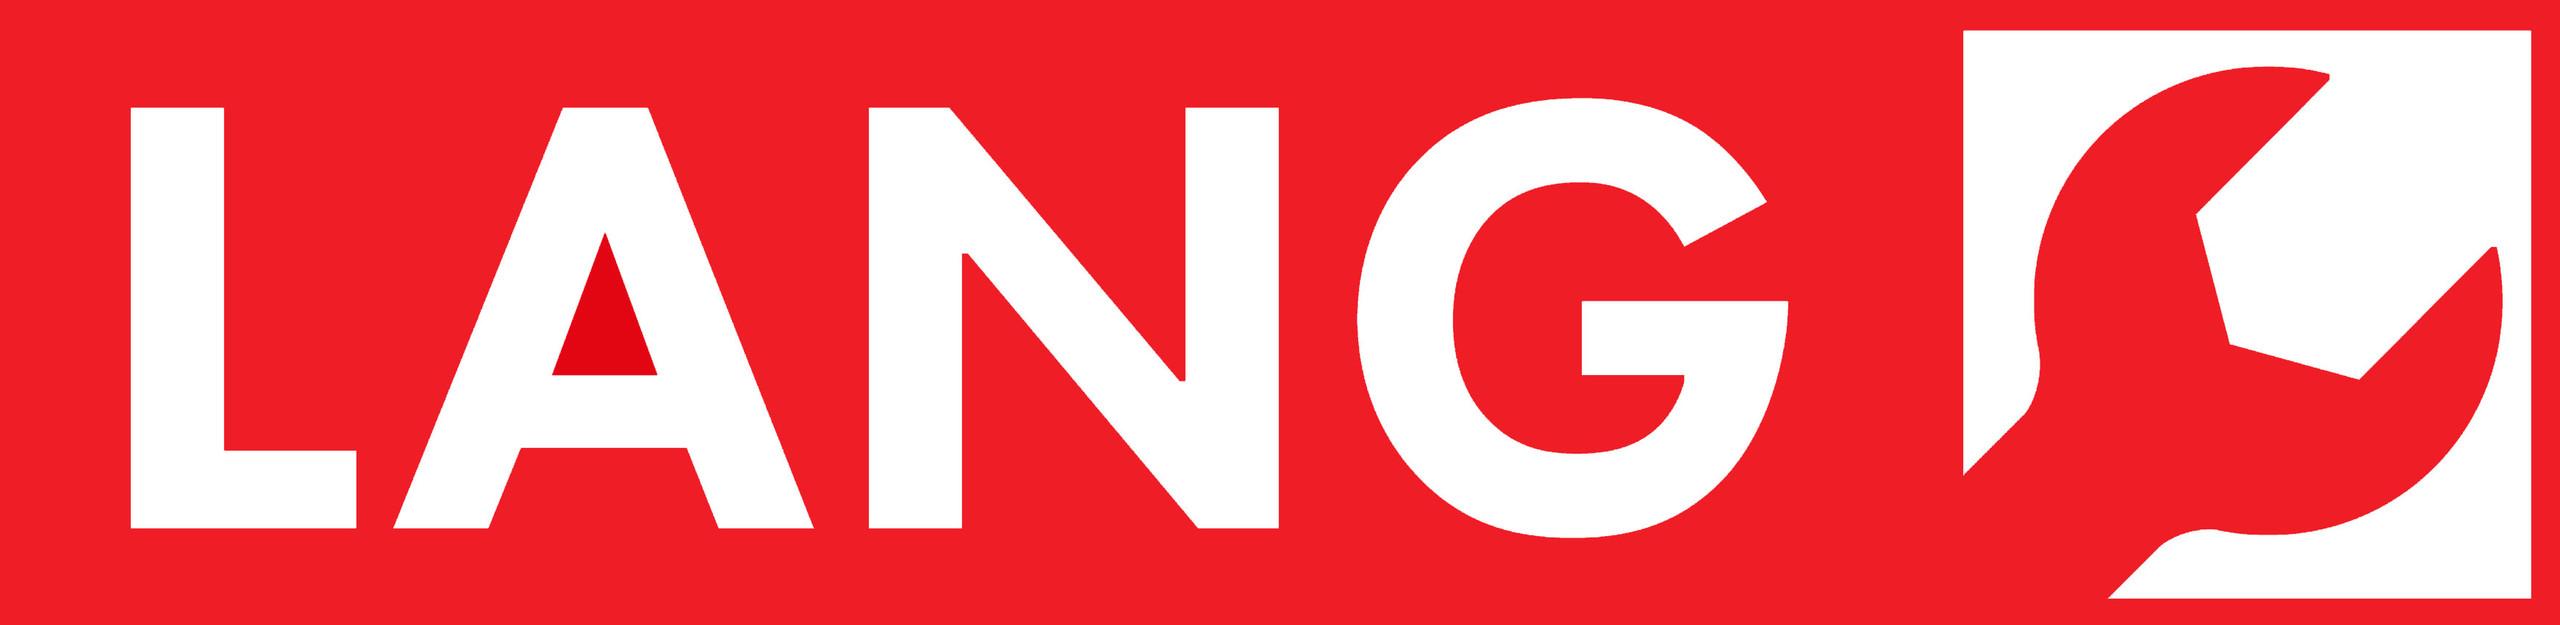 Werkstatt lang logo